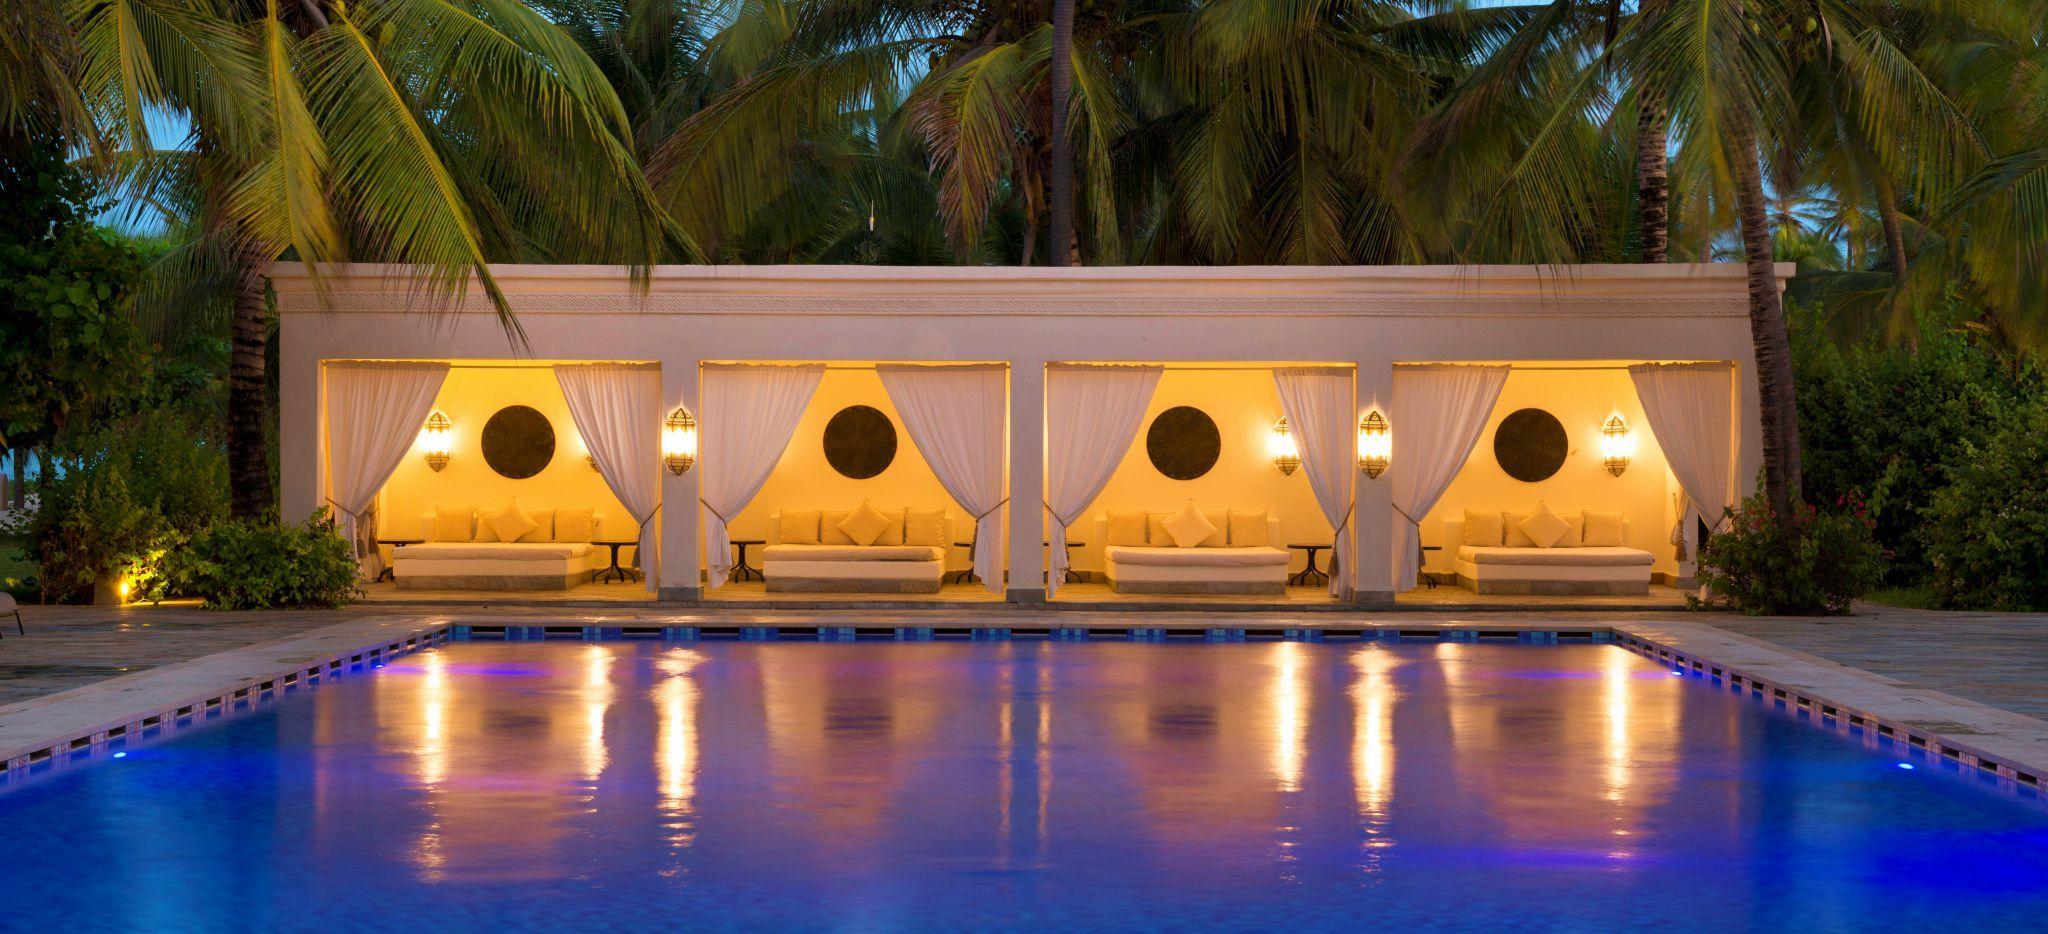 Ein Pool umsäumt von Palmen, mit einem Poolhaus, das wie ein omanischer Palast anmutet